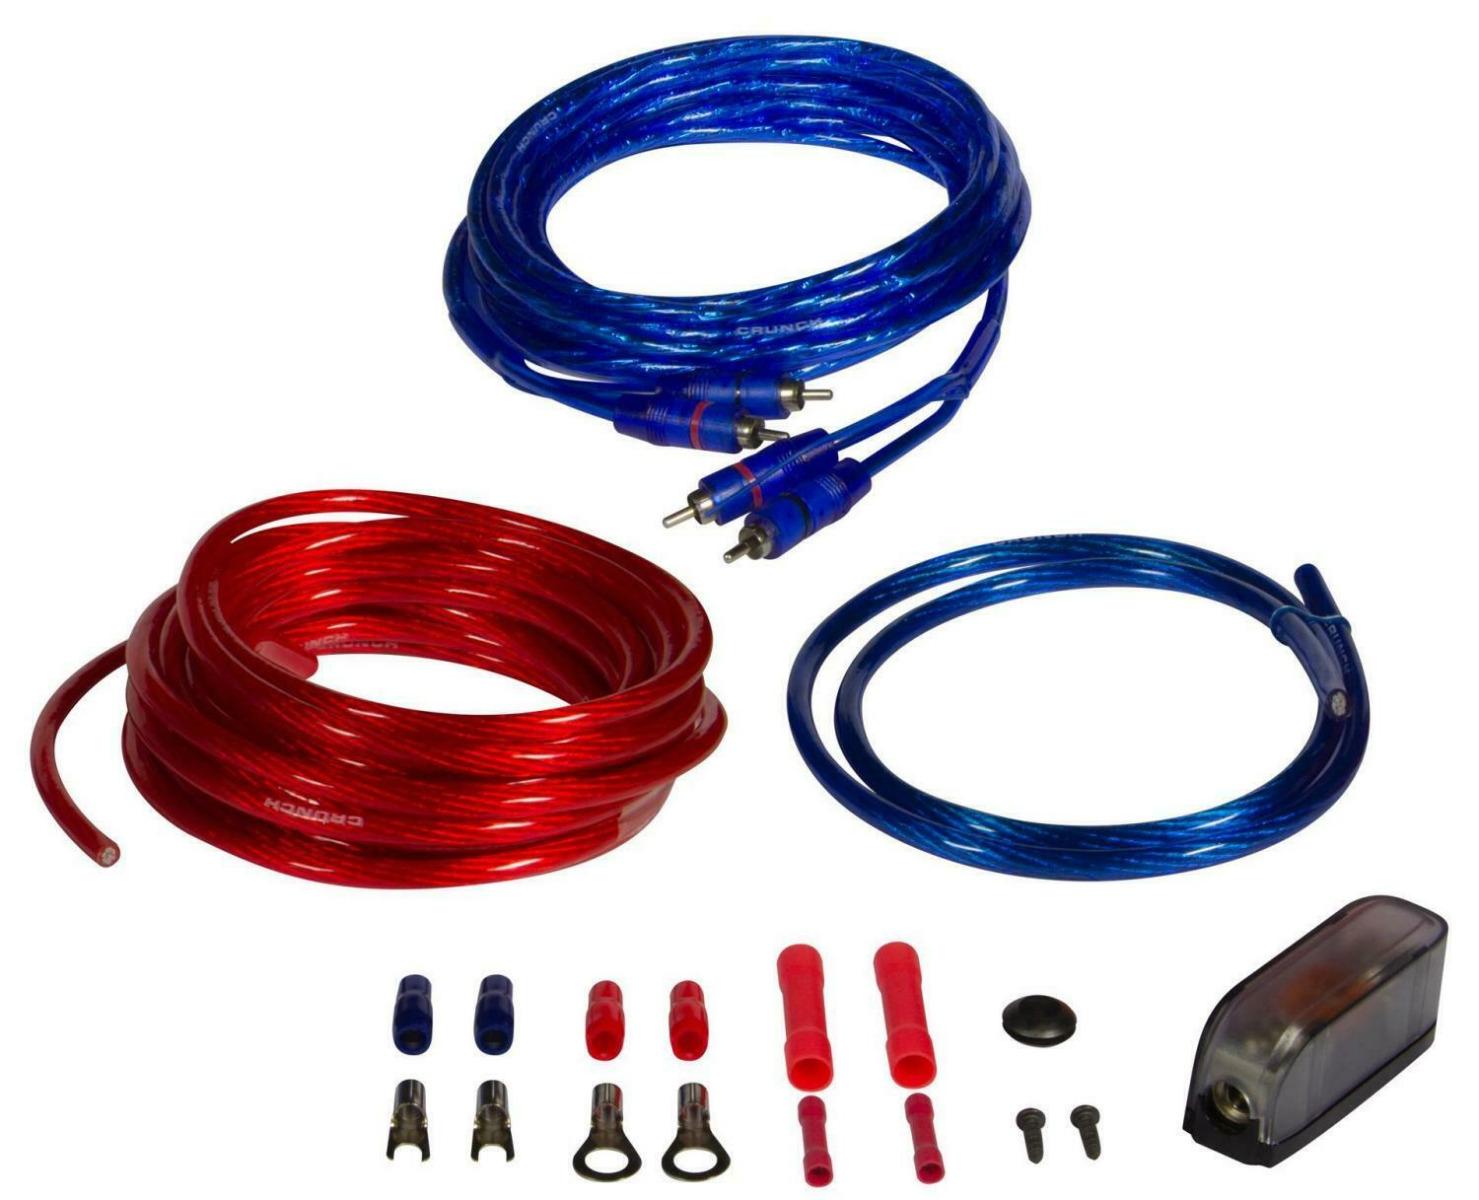 CRUNCH CRK10 Kabelkit 10 mm² Verstärker Kabelkit Anschlußset AMPs